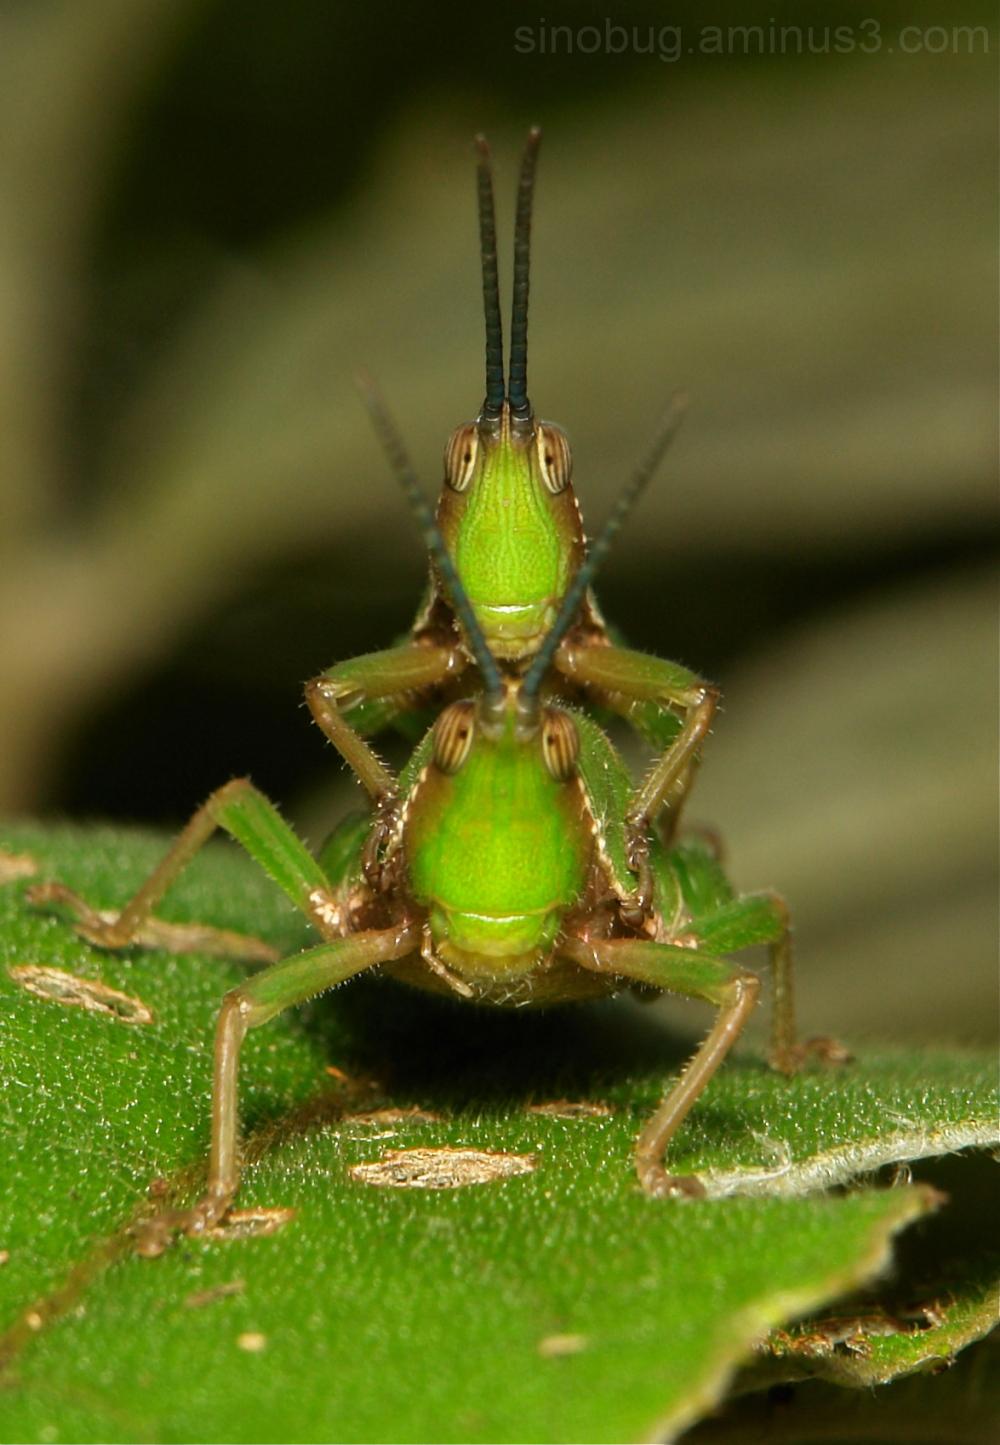 Grasshopper Atractomorpha Pyrgomorphidae China